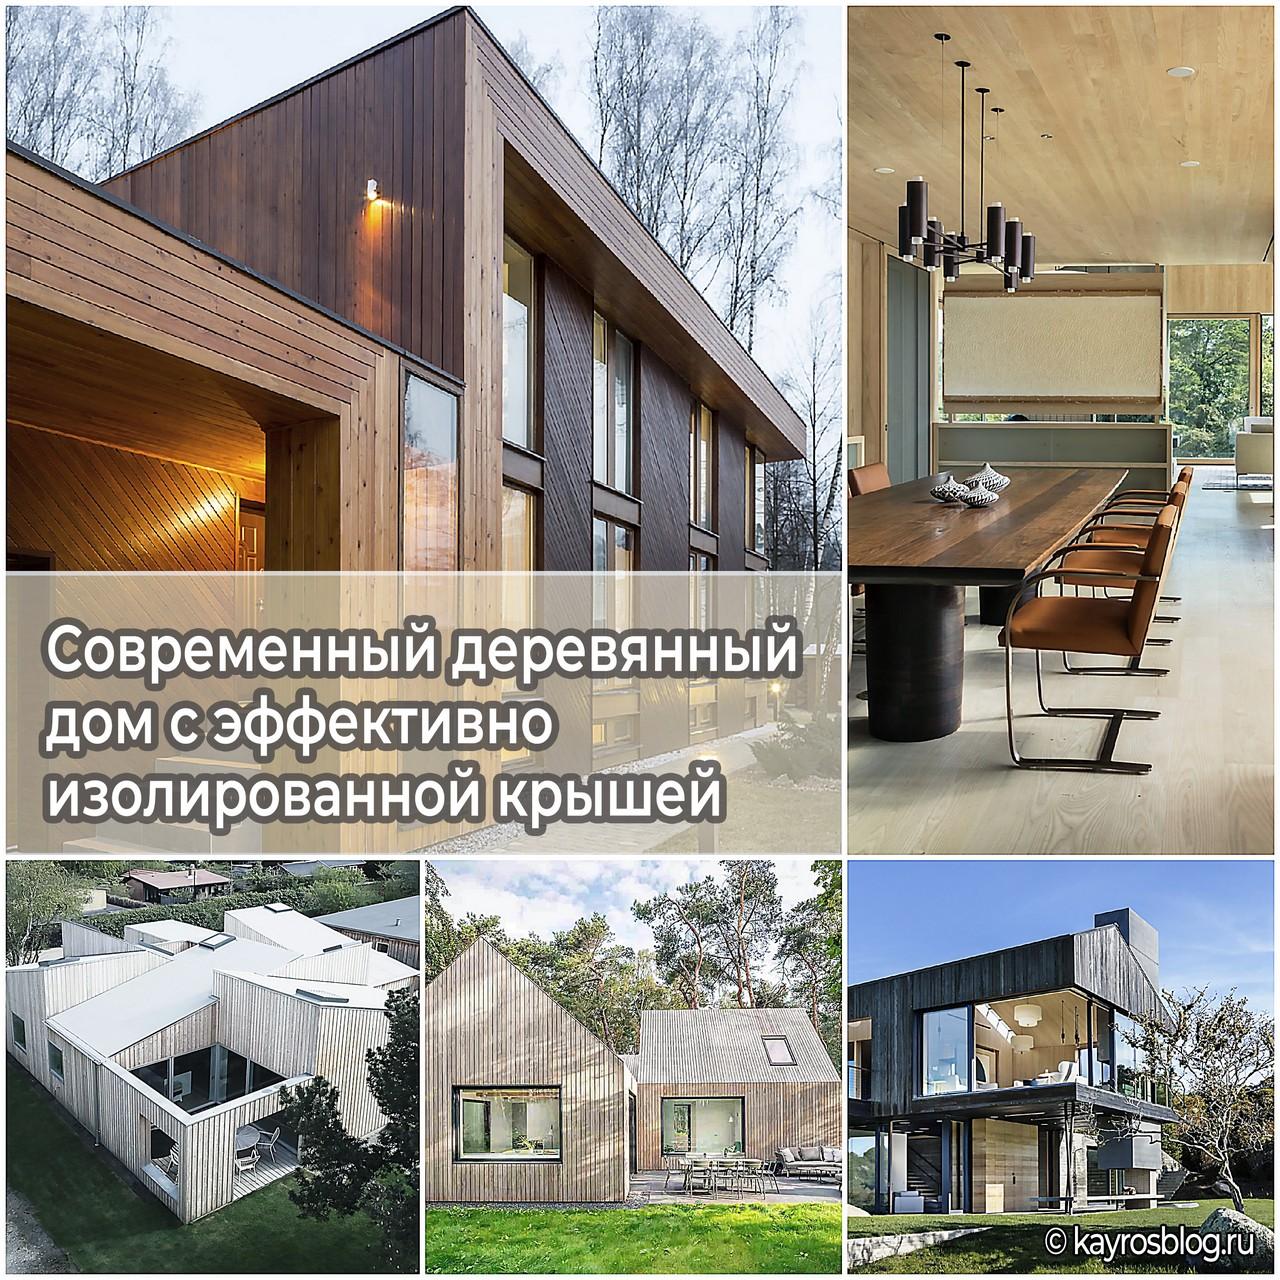 Современный деревянный дом с эффективно изолированной крышей